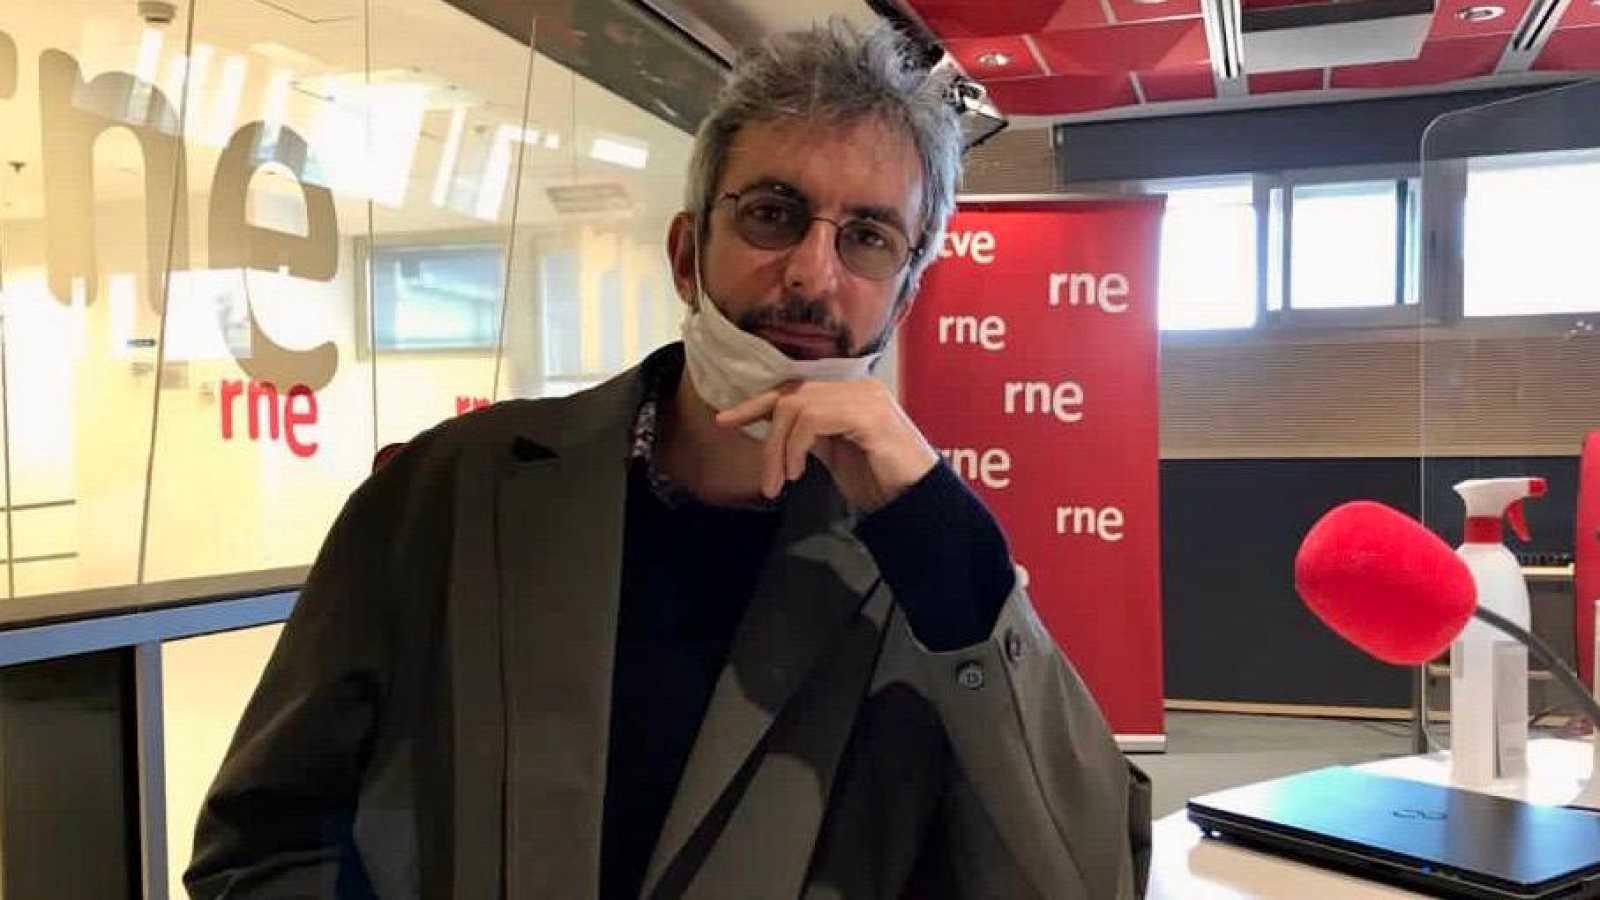 """No es un día cualquiera - Xoel López: """"Mi ilusión de niño sigue intacta"""" - 'Mano a mano' - 21/11/2020 - Escuchar ahora"""